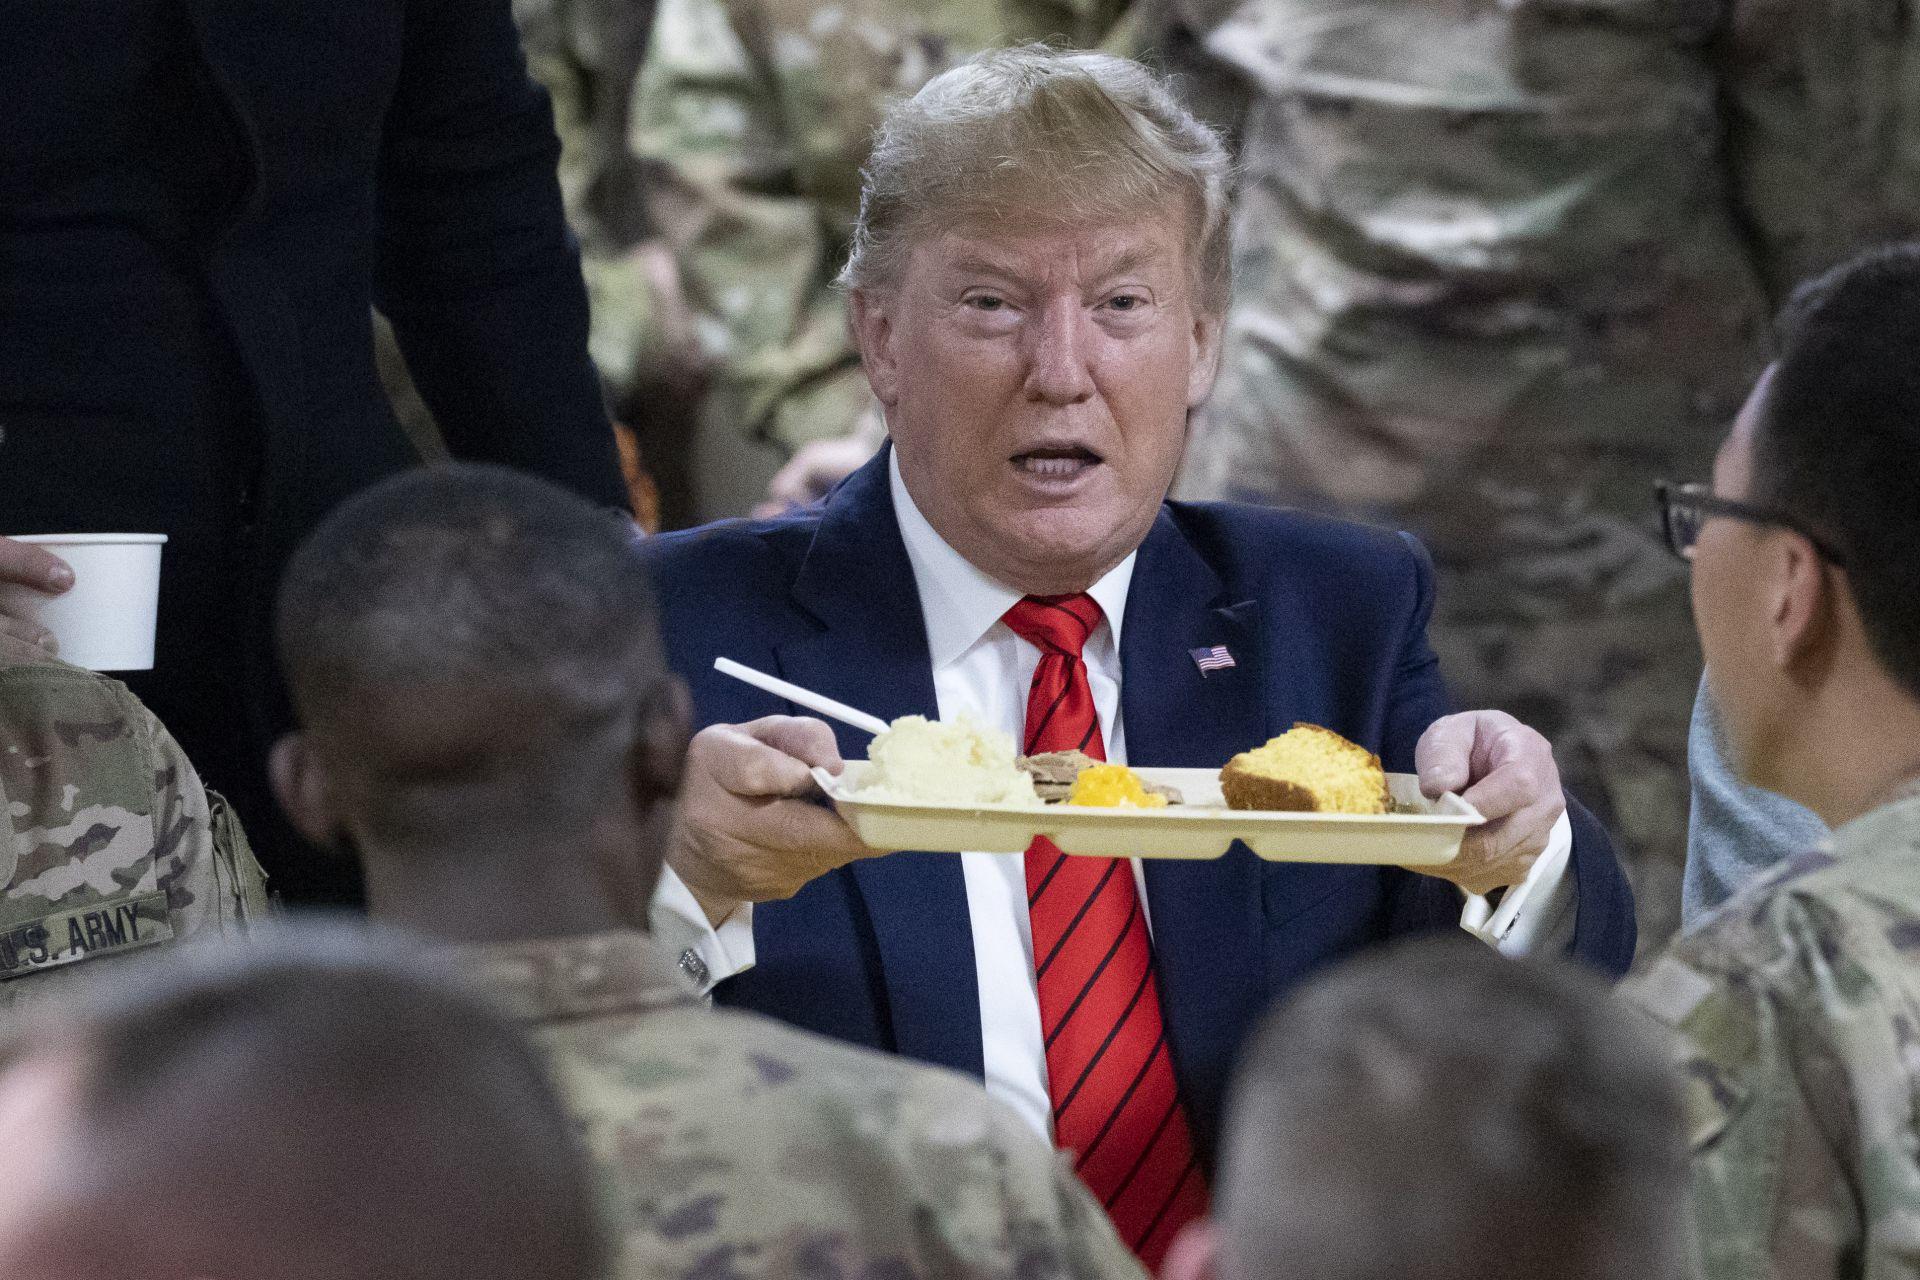 Тръмп хапна заедно с военнослужещите от поднос